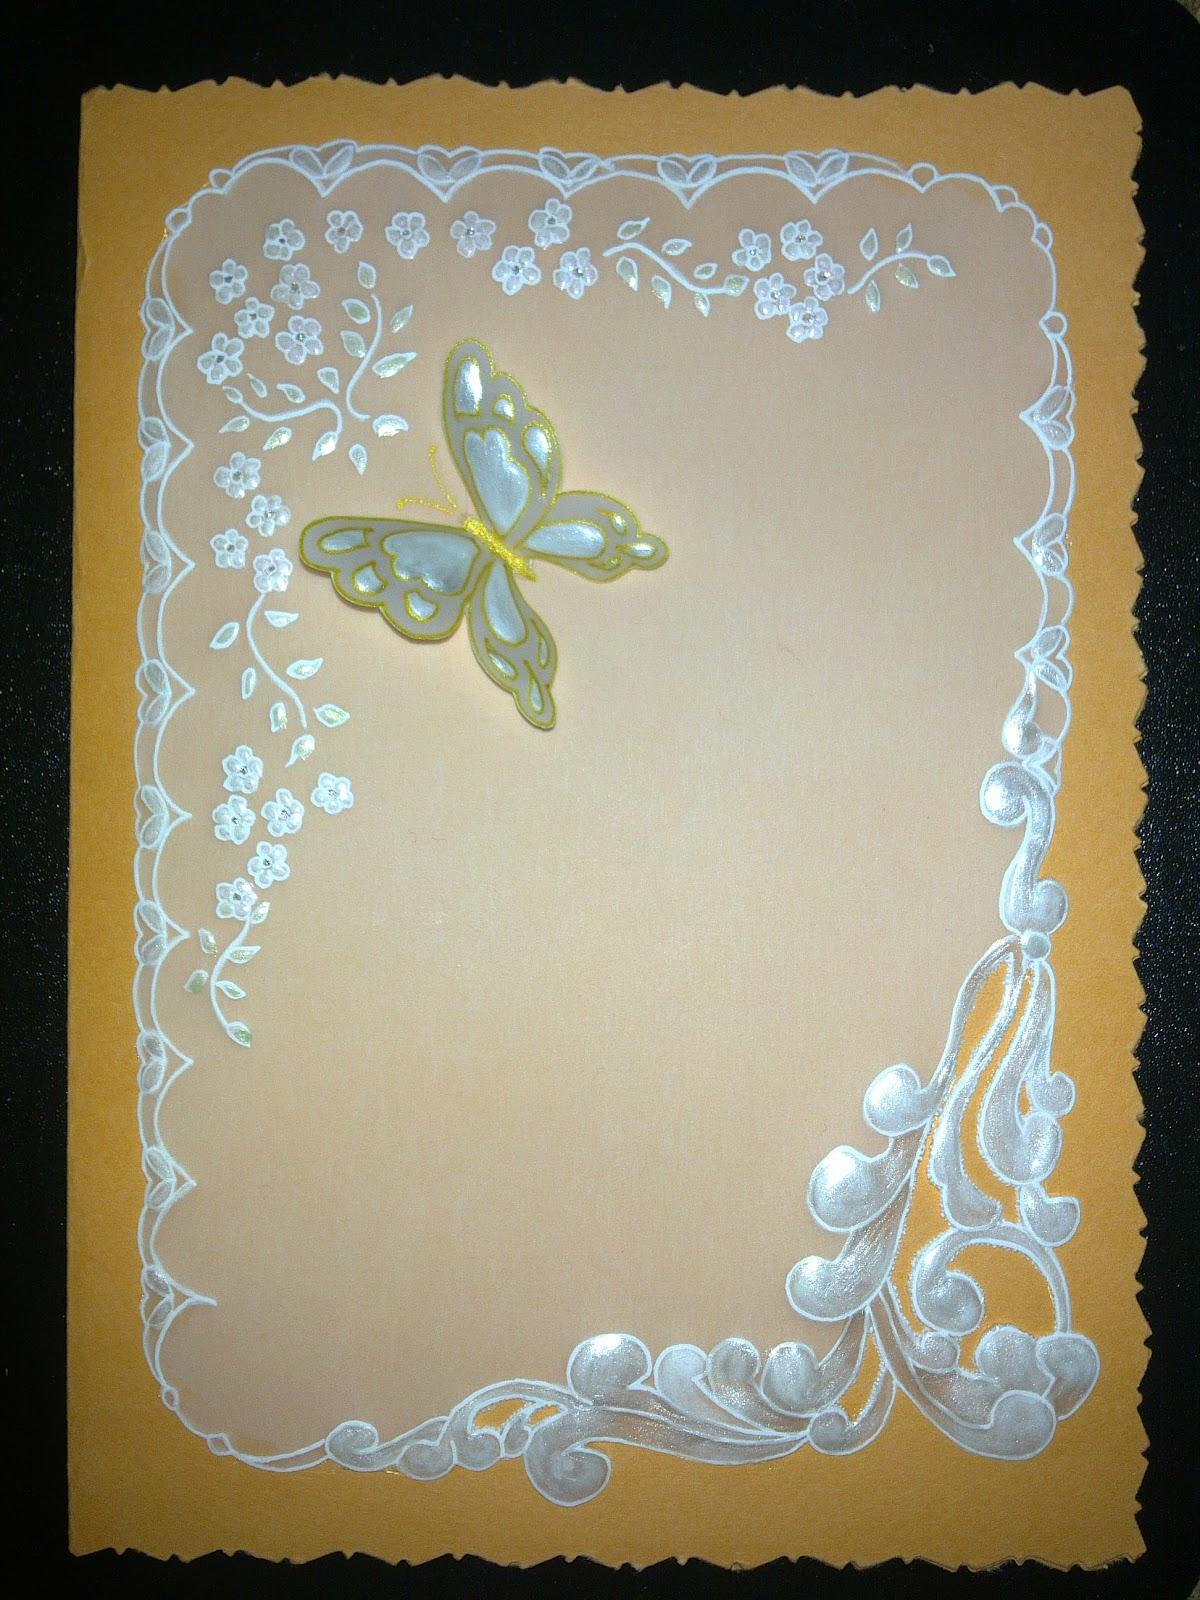 una mariposa sobrepuesta y los detalles internos tanto como los bordes ...